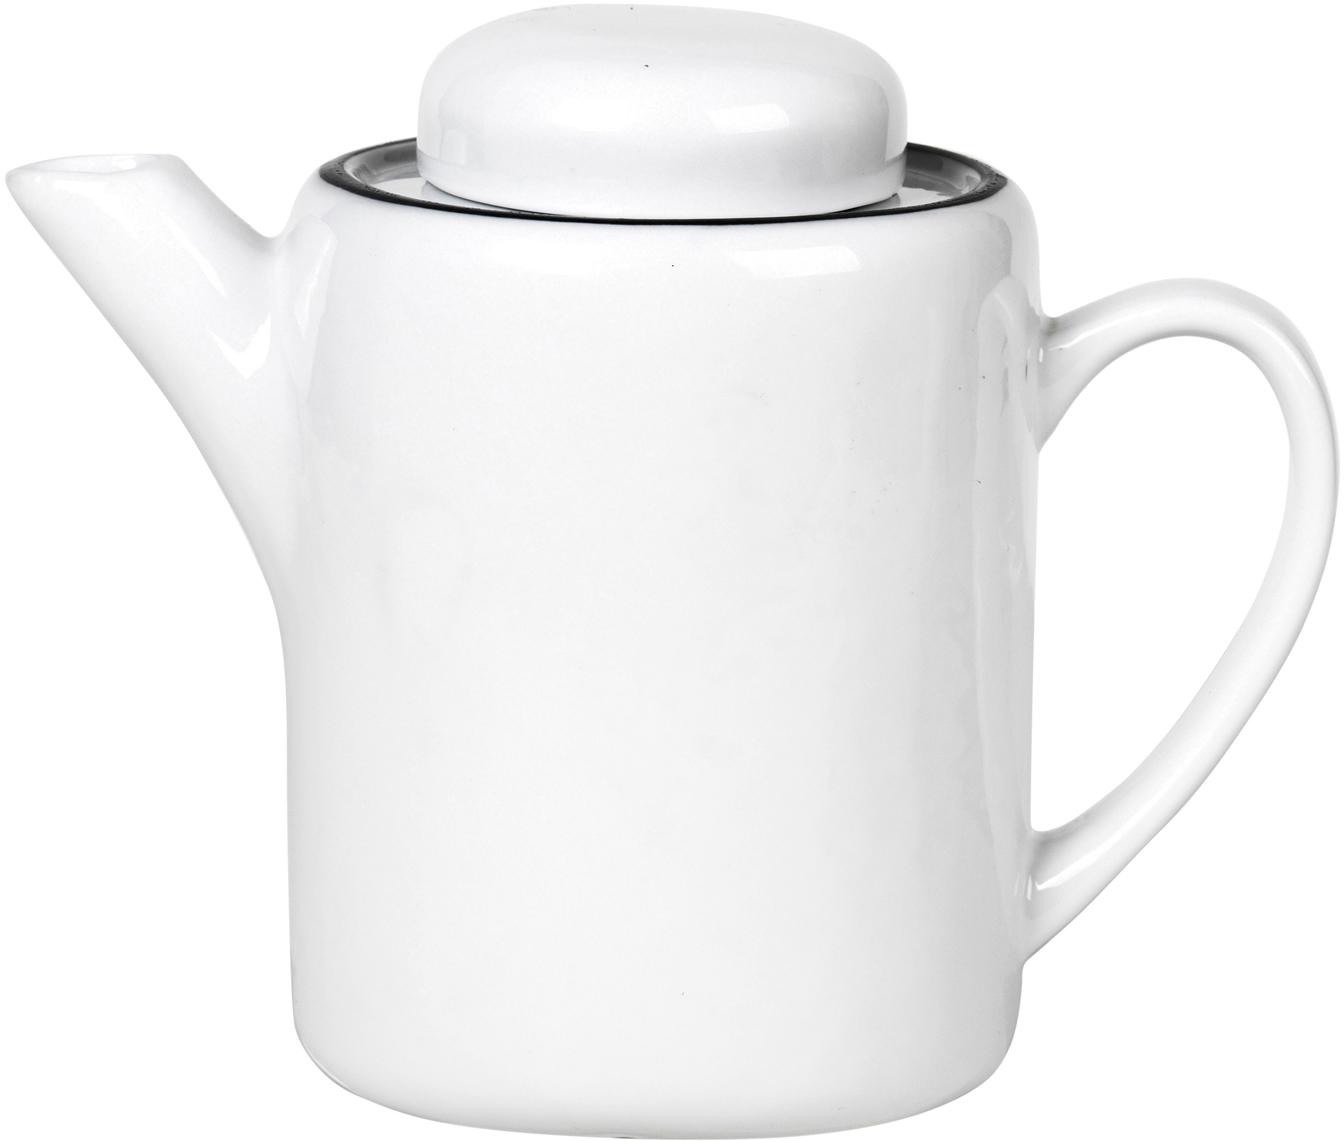 Handgemachte Teekanne Salt mit schwarzem Rand, Porzellan, Gebrochenes Weiß, Schwarz, 1.3 L